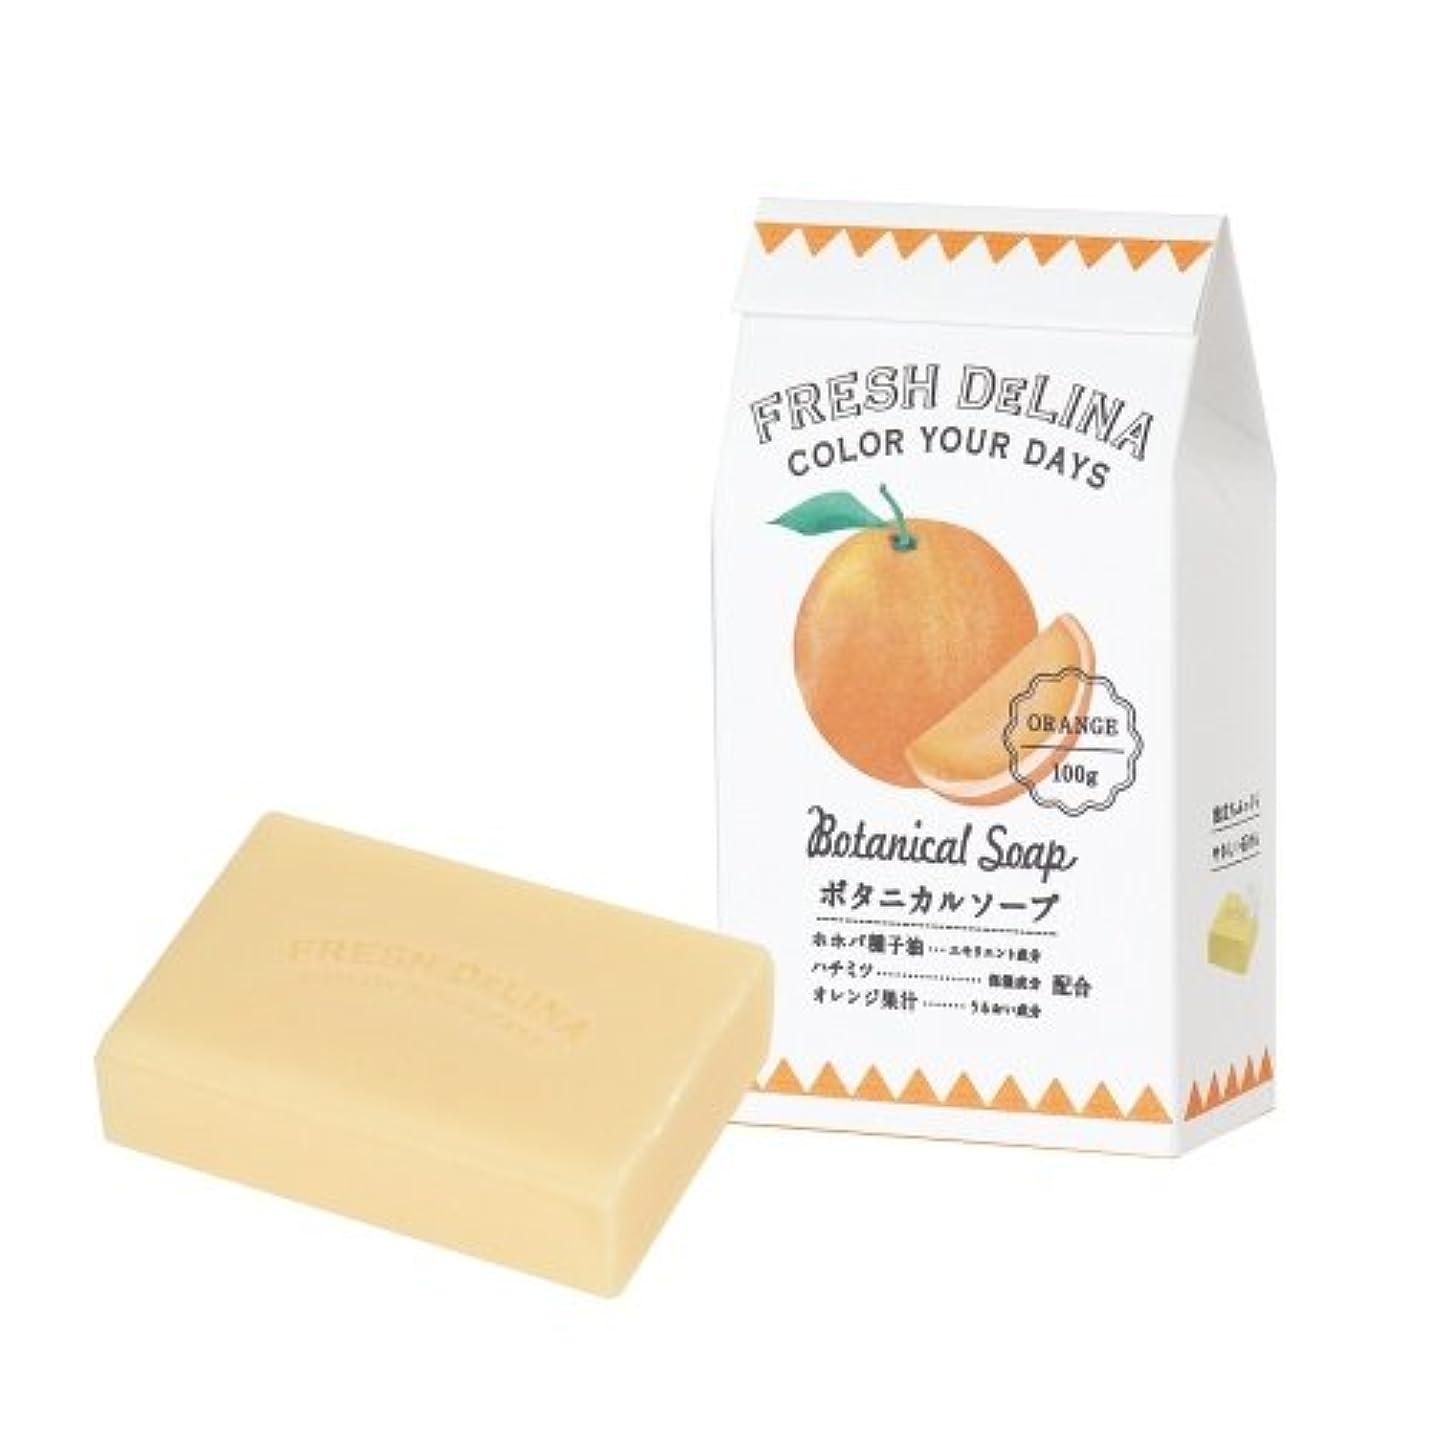 費用限られた対応フレッシュデリーナ ボタニカルソープ オレンジ 100g